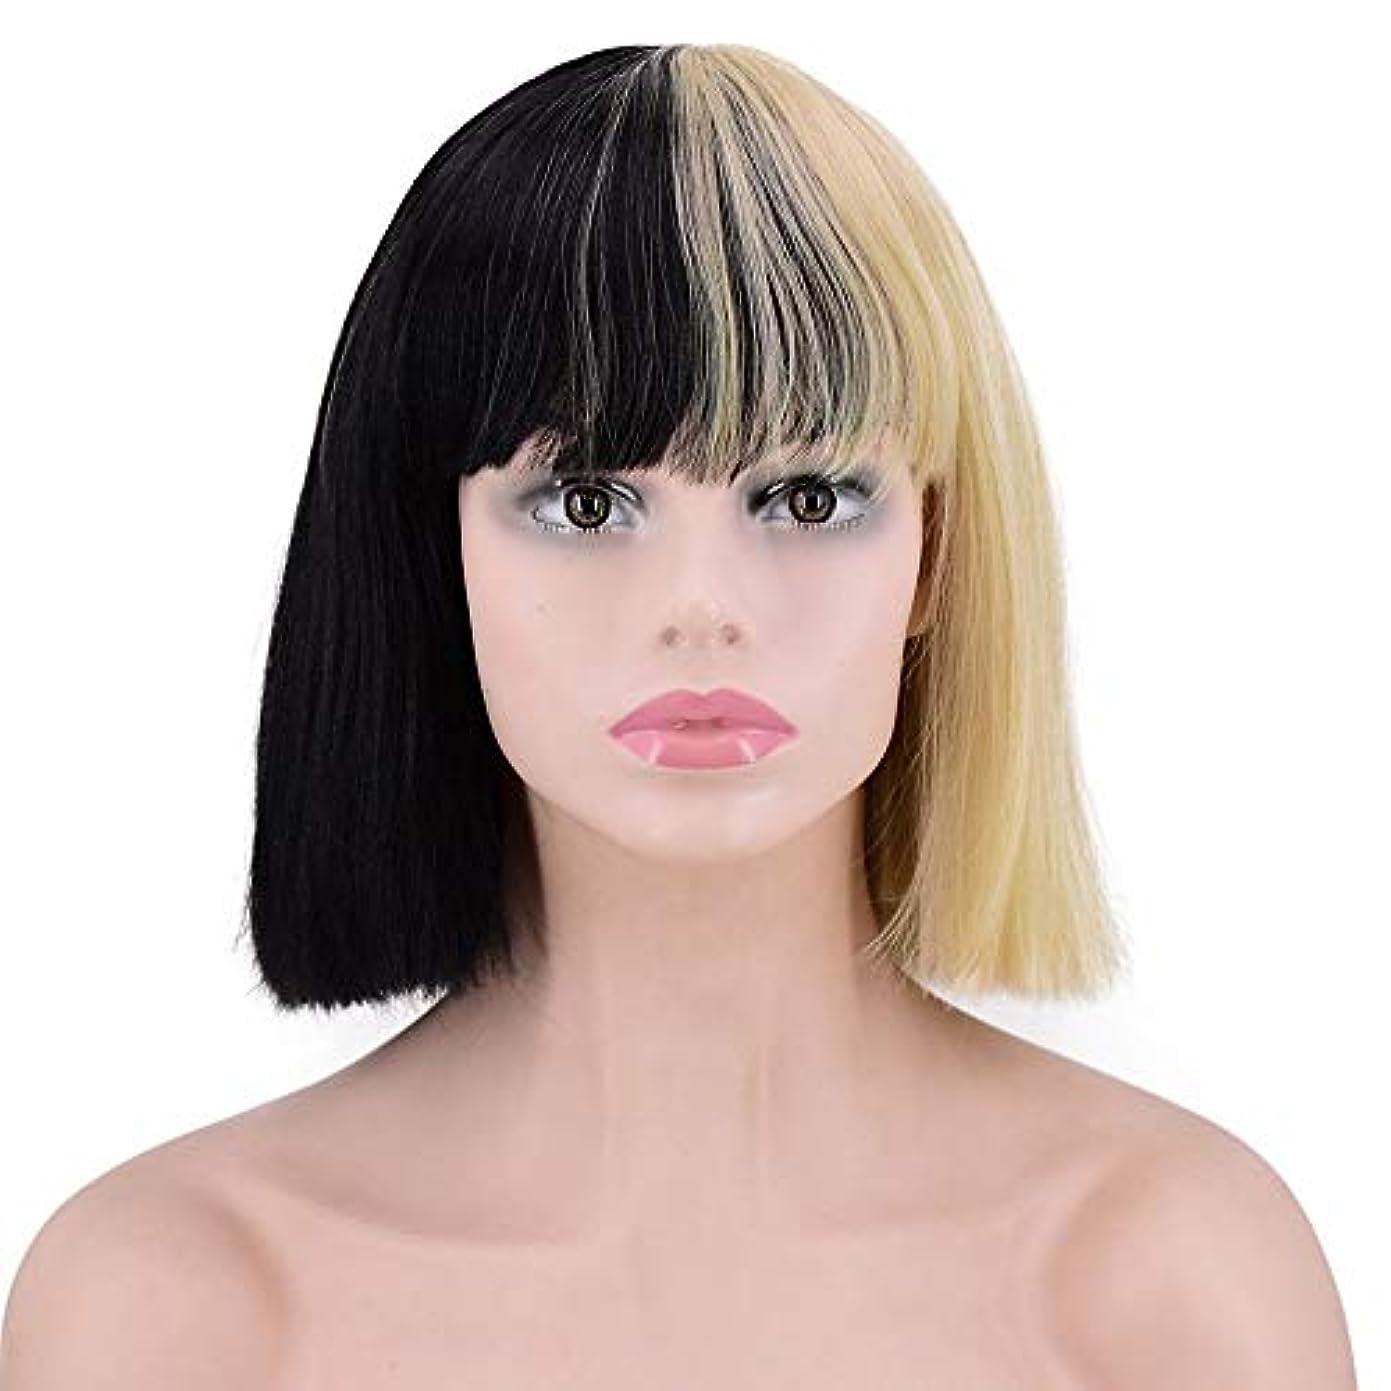 批判ブラウズみYOUQIU 女性の黒と白のふわふわショートストレート髪ボブ髪ほうき頭コスプレウィッグウィッグ (色 : Black/gold)